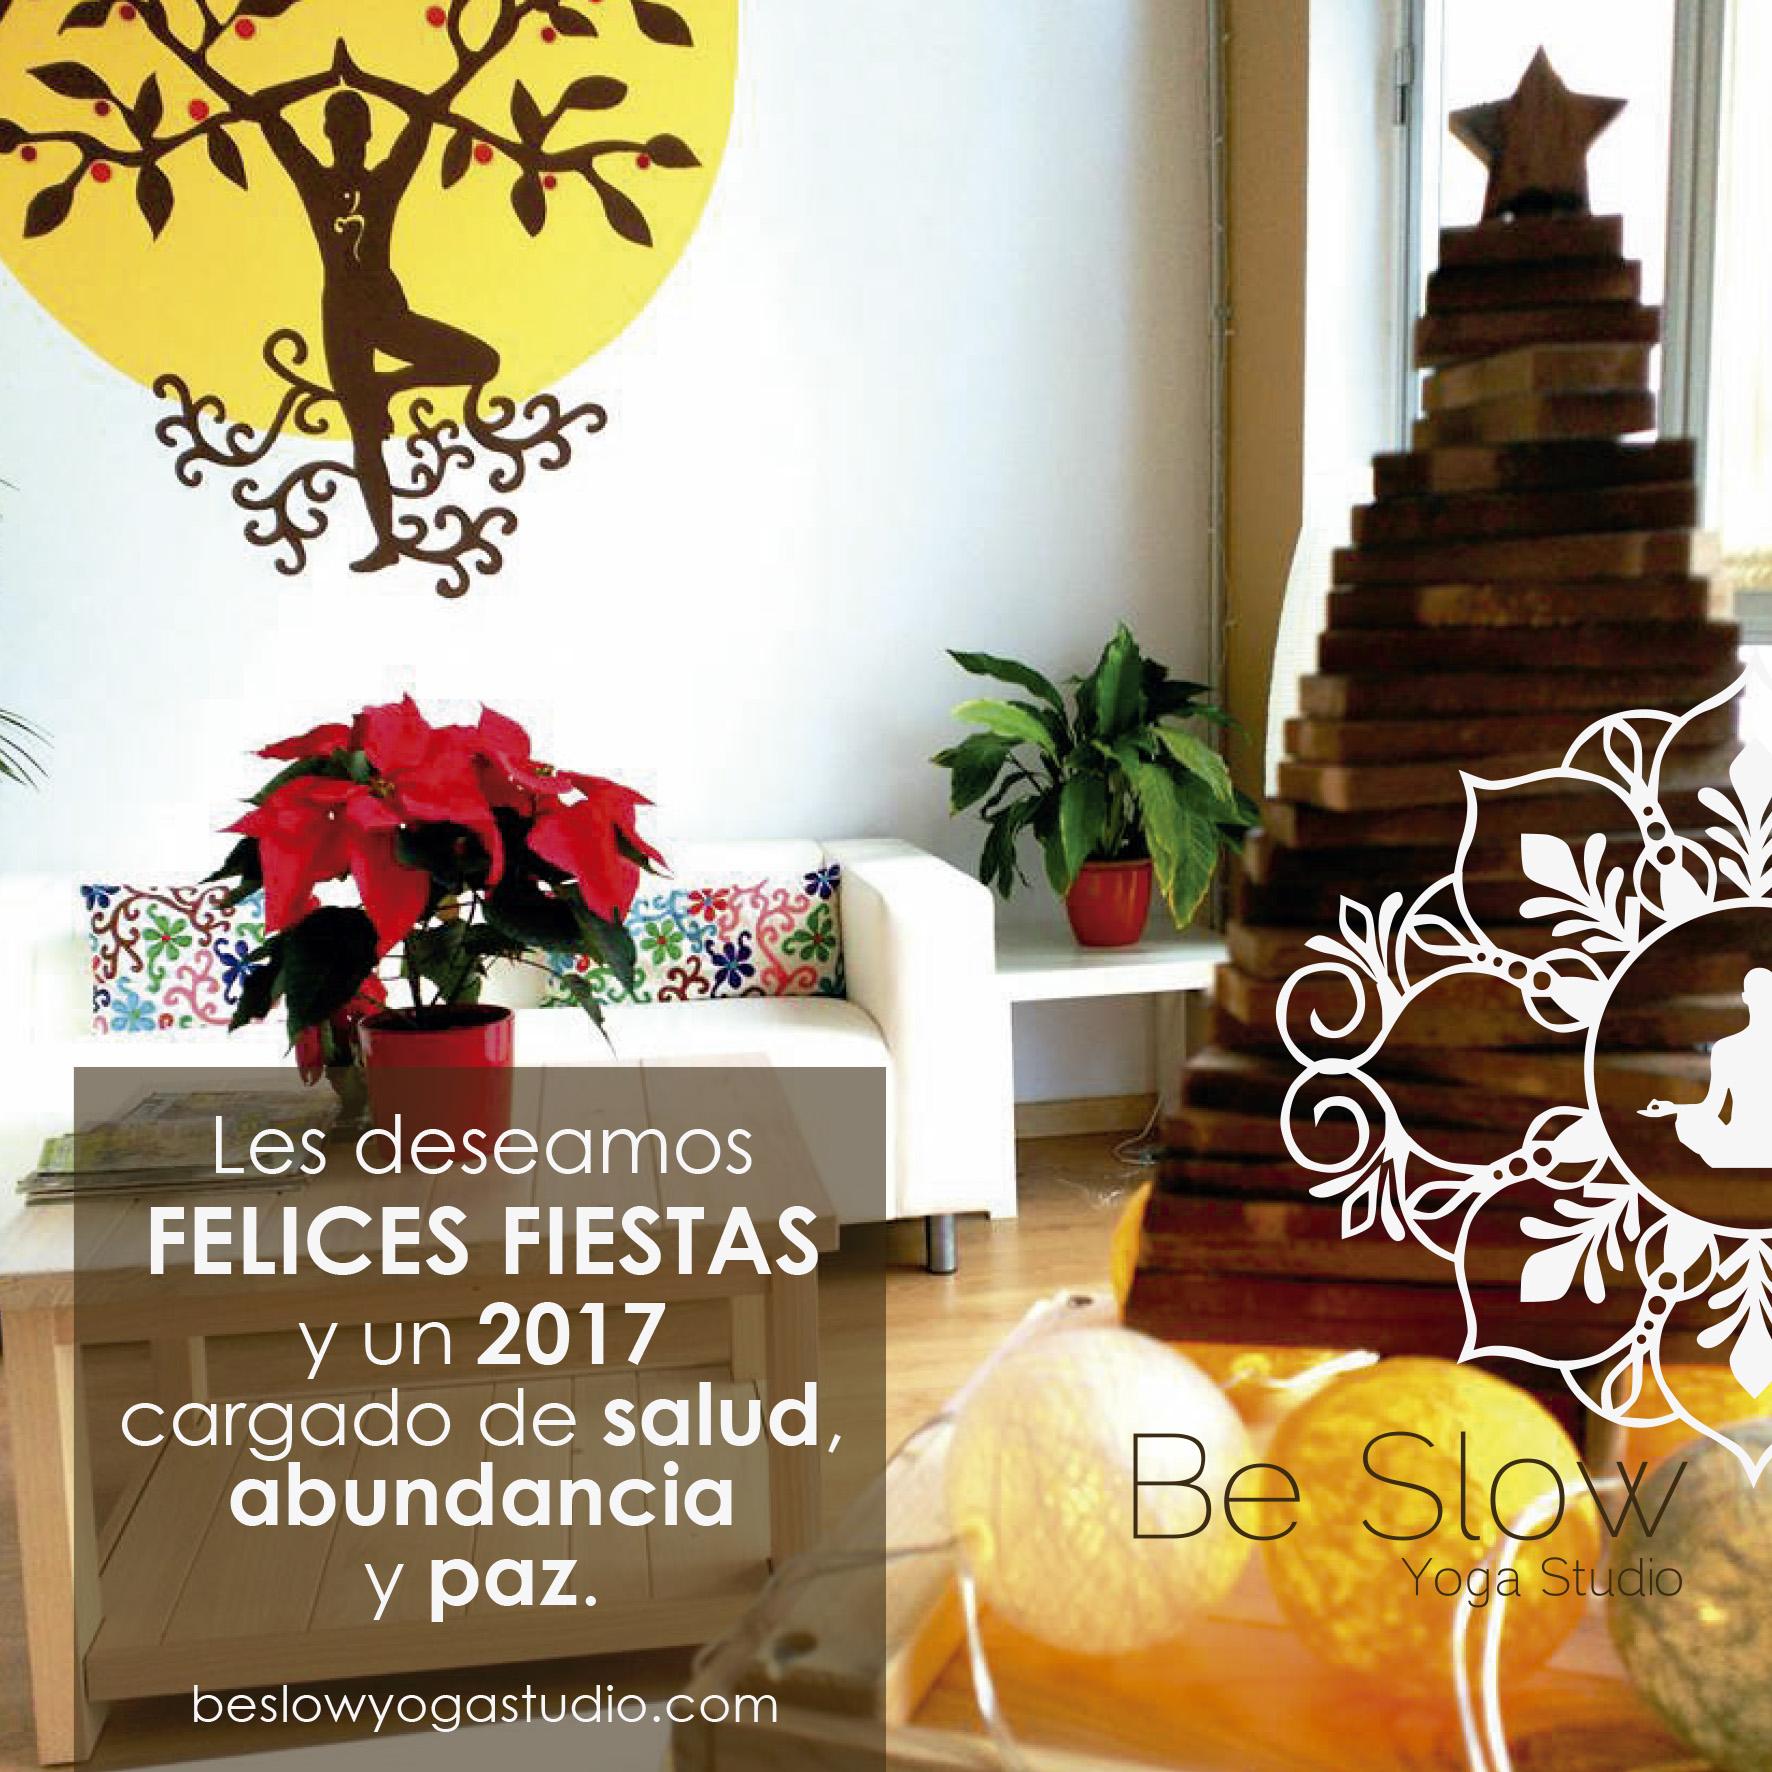 FELICES FIESTAS y lo mejor para este Año Nuevo.